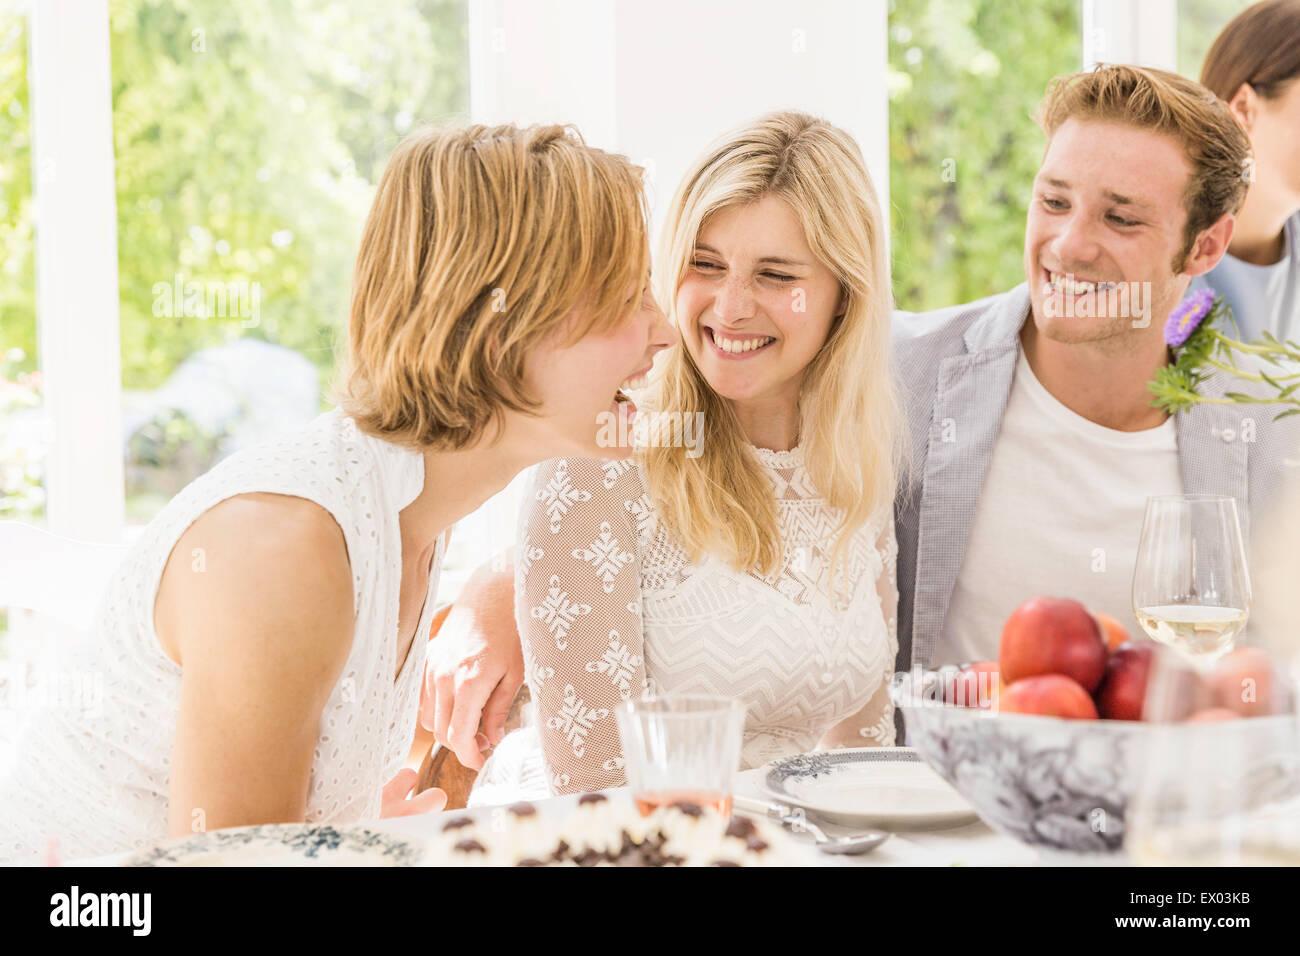 Los adultos de la familia riendo y chismes en la fiesta de cumpleaños Imagen De Stock